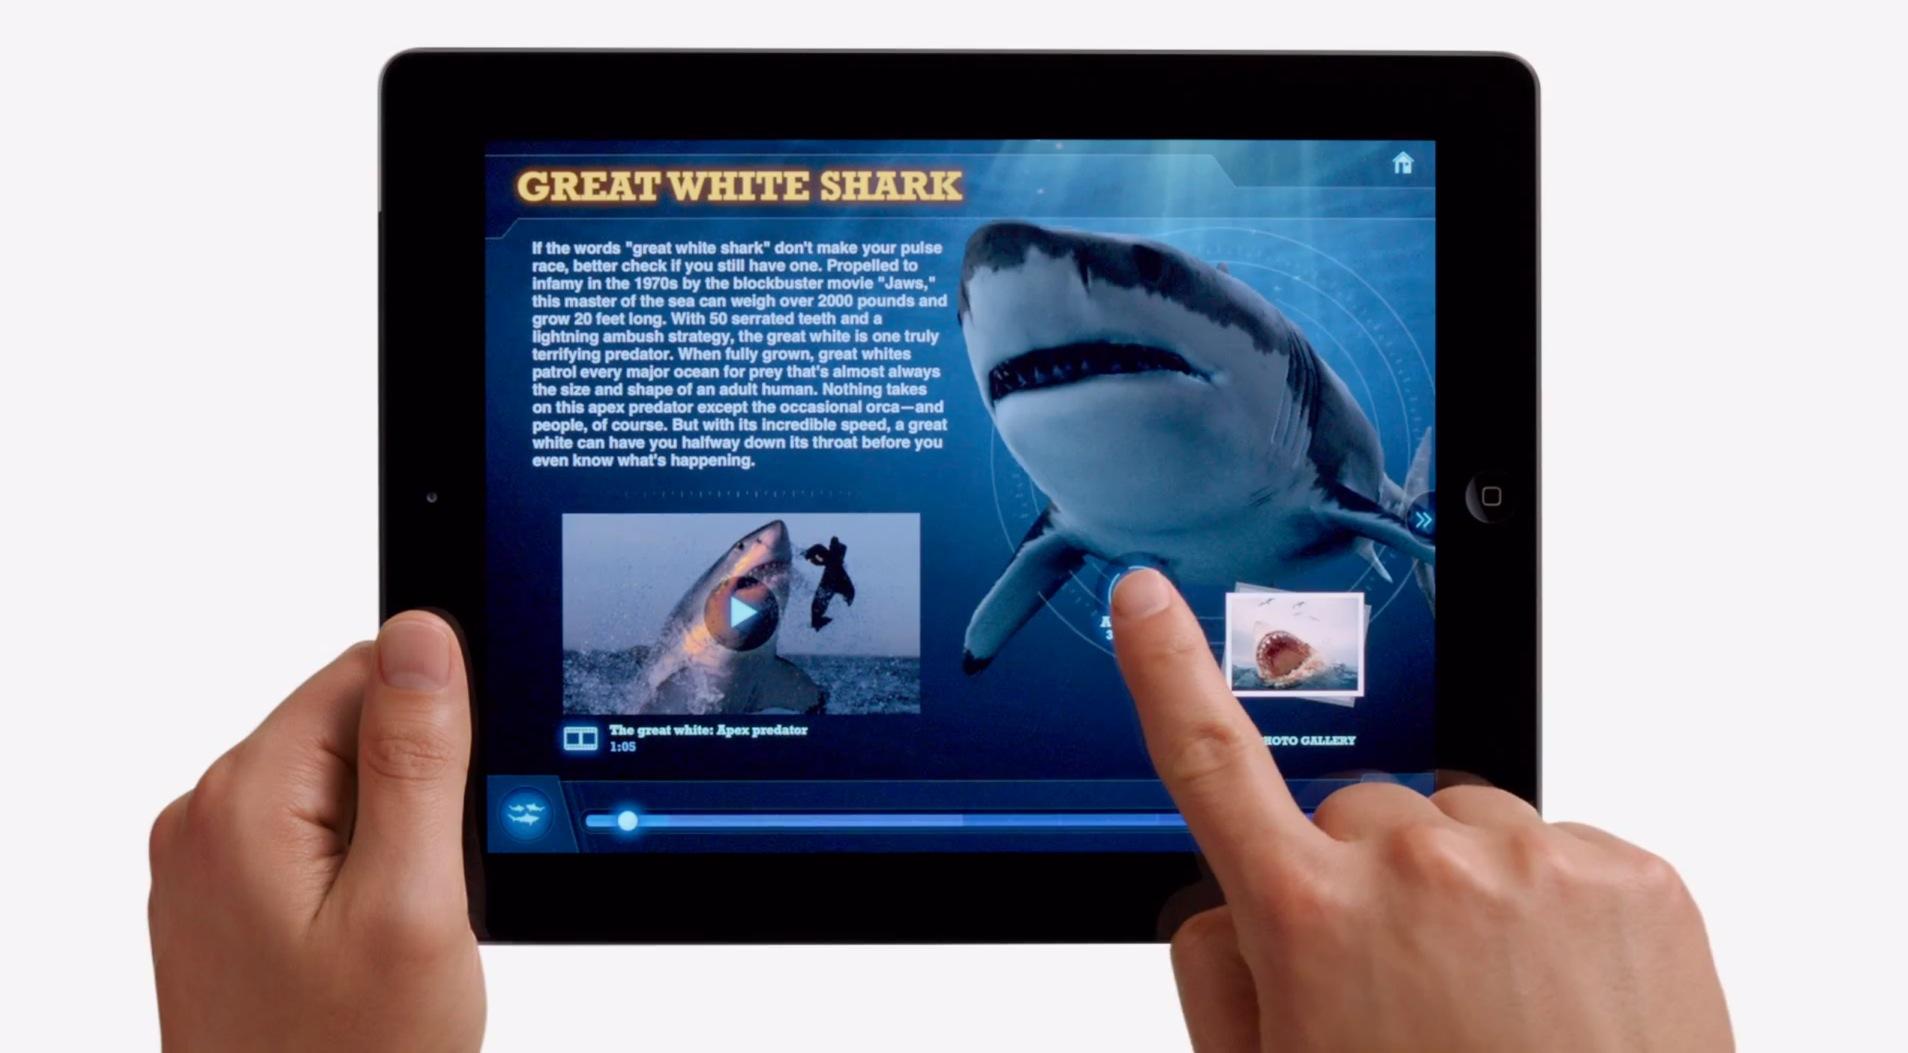 iPad-ad-Alive-education-001.jpg